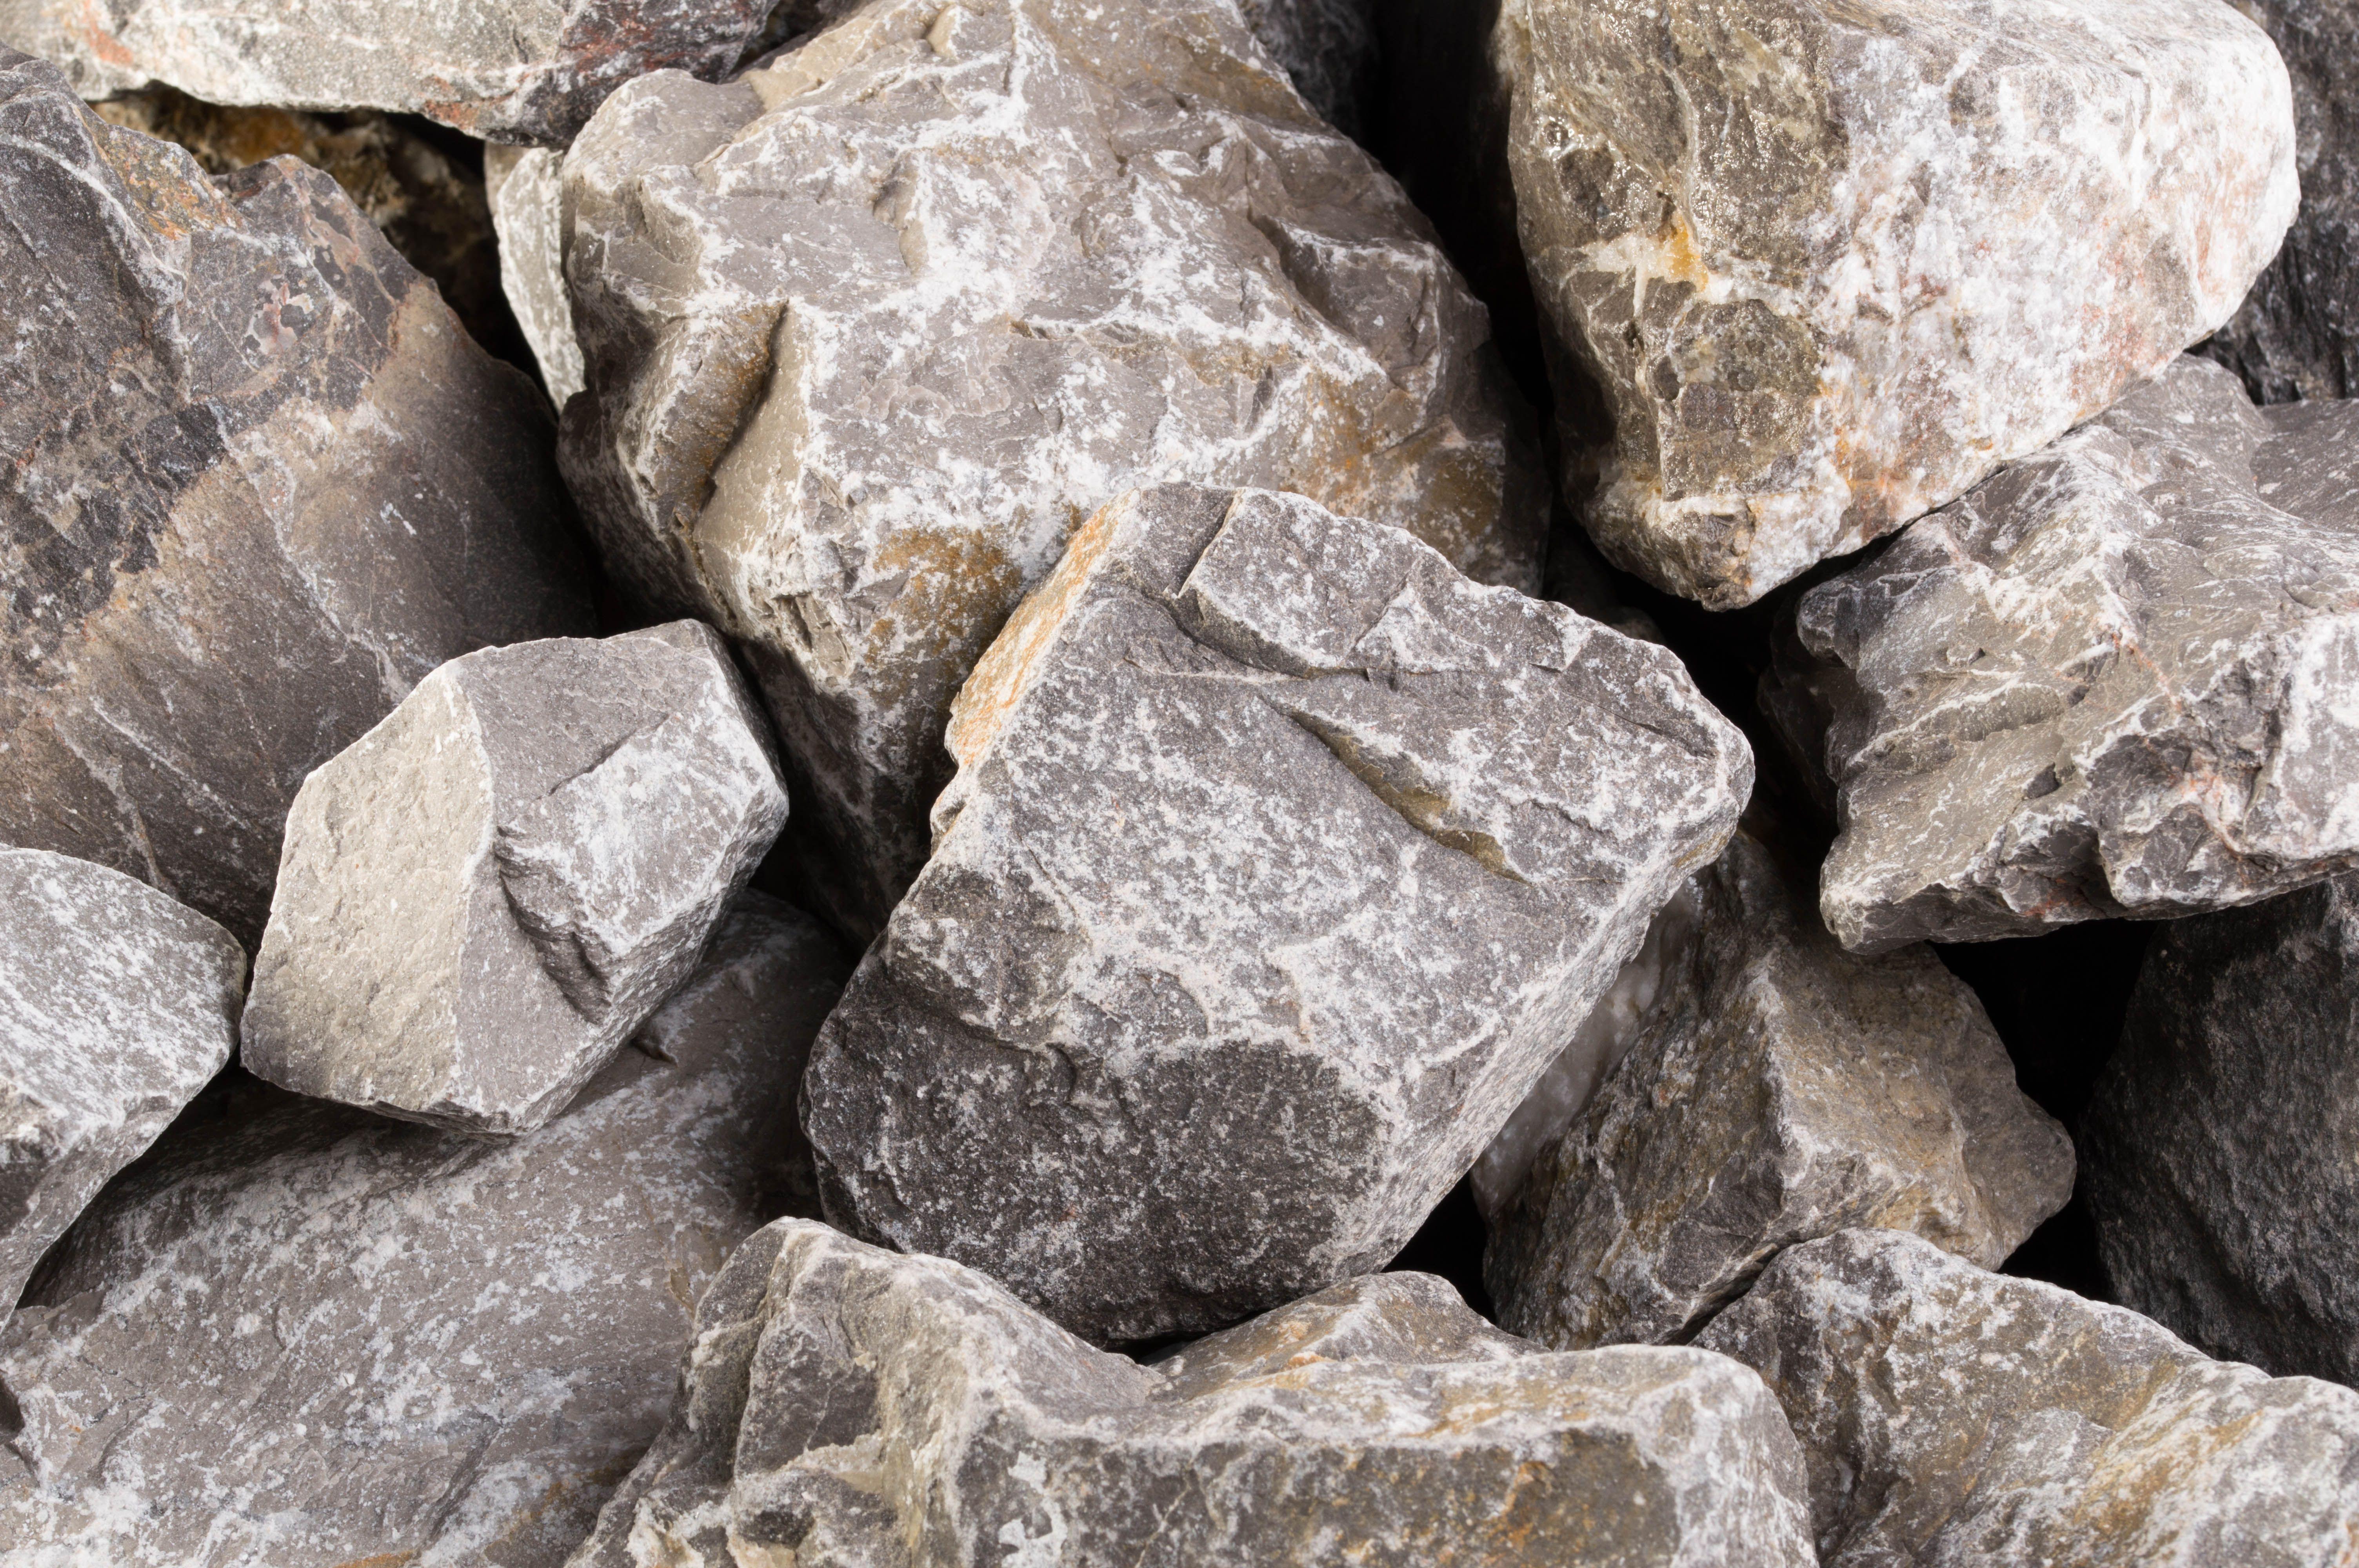 Comment Nettoyer La Terrasse En Pierre pierre calcaire alaska 60/90 mm, parfaite pour l'aménagement